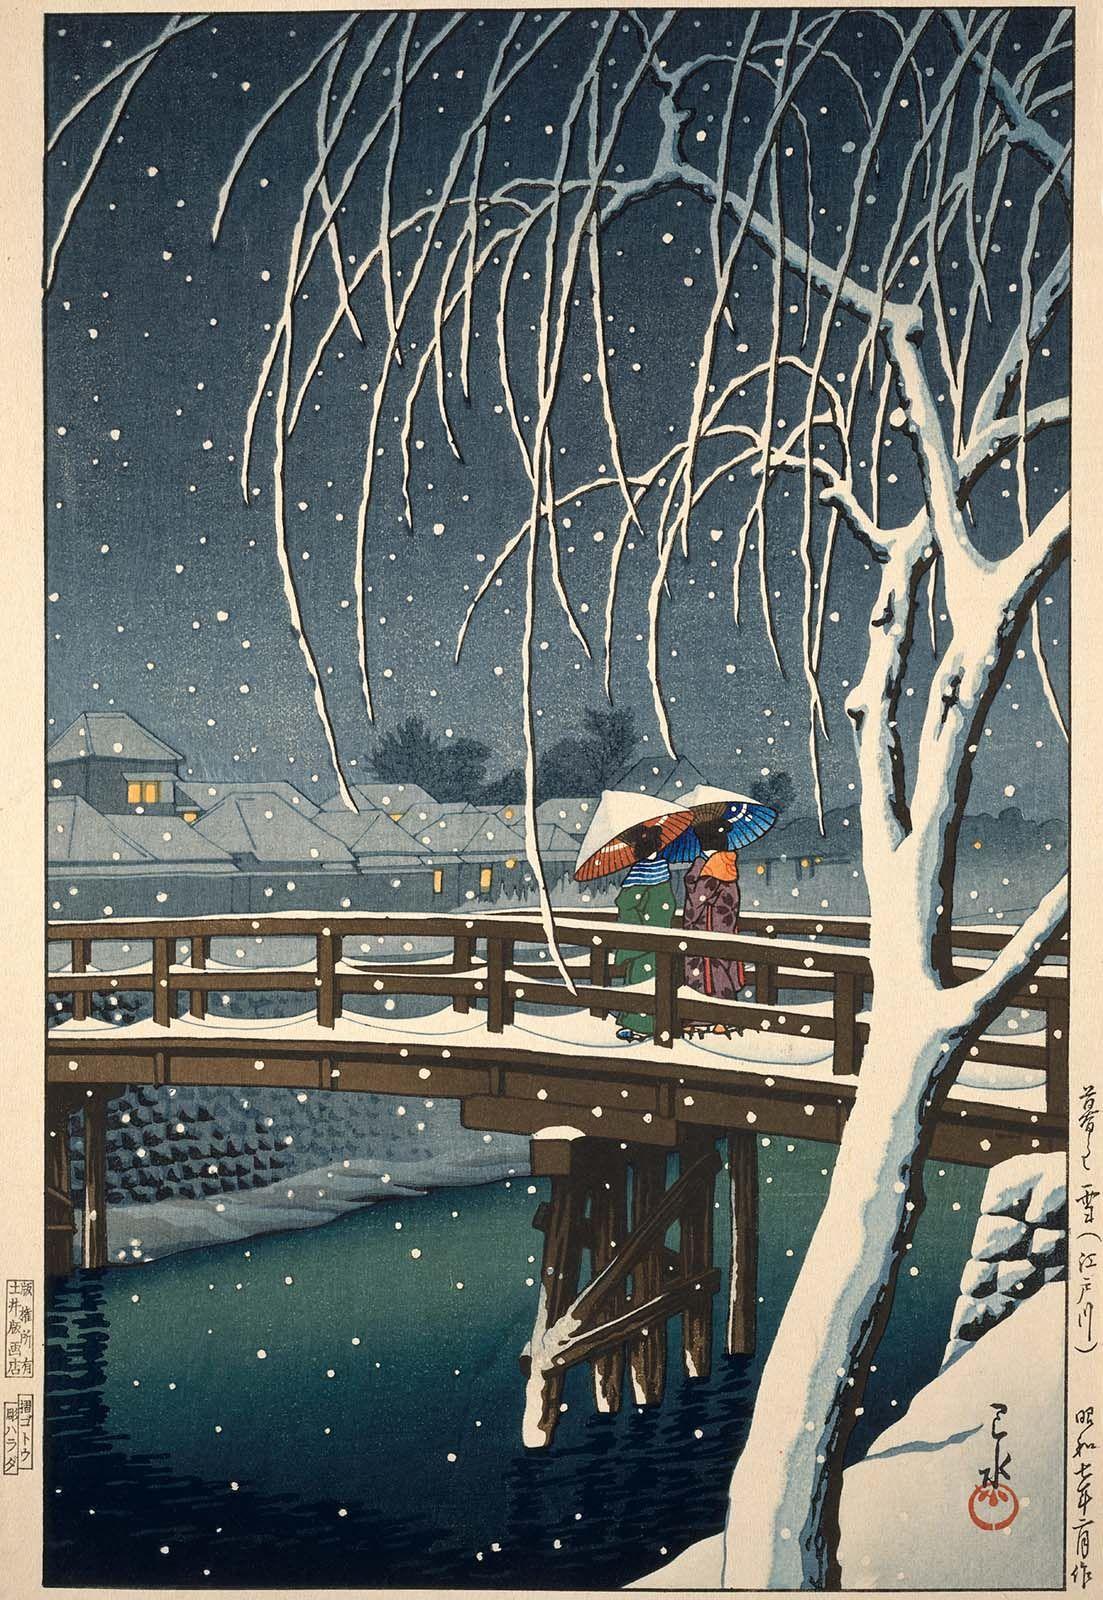 Evening Snow at Edogawa (Kure no yuki [Edogawa]) | Museum of Fine Arts,  Boston | Japanese art prints, Japanese woodblock printing, Japanese art